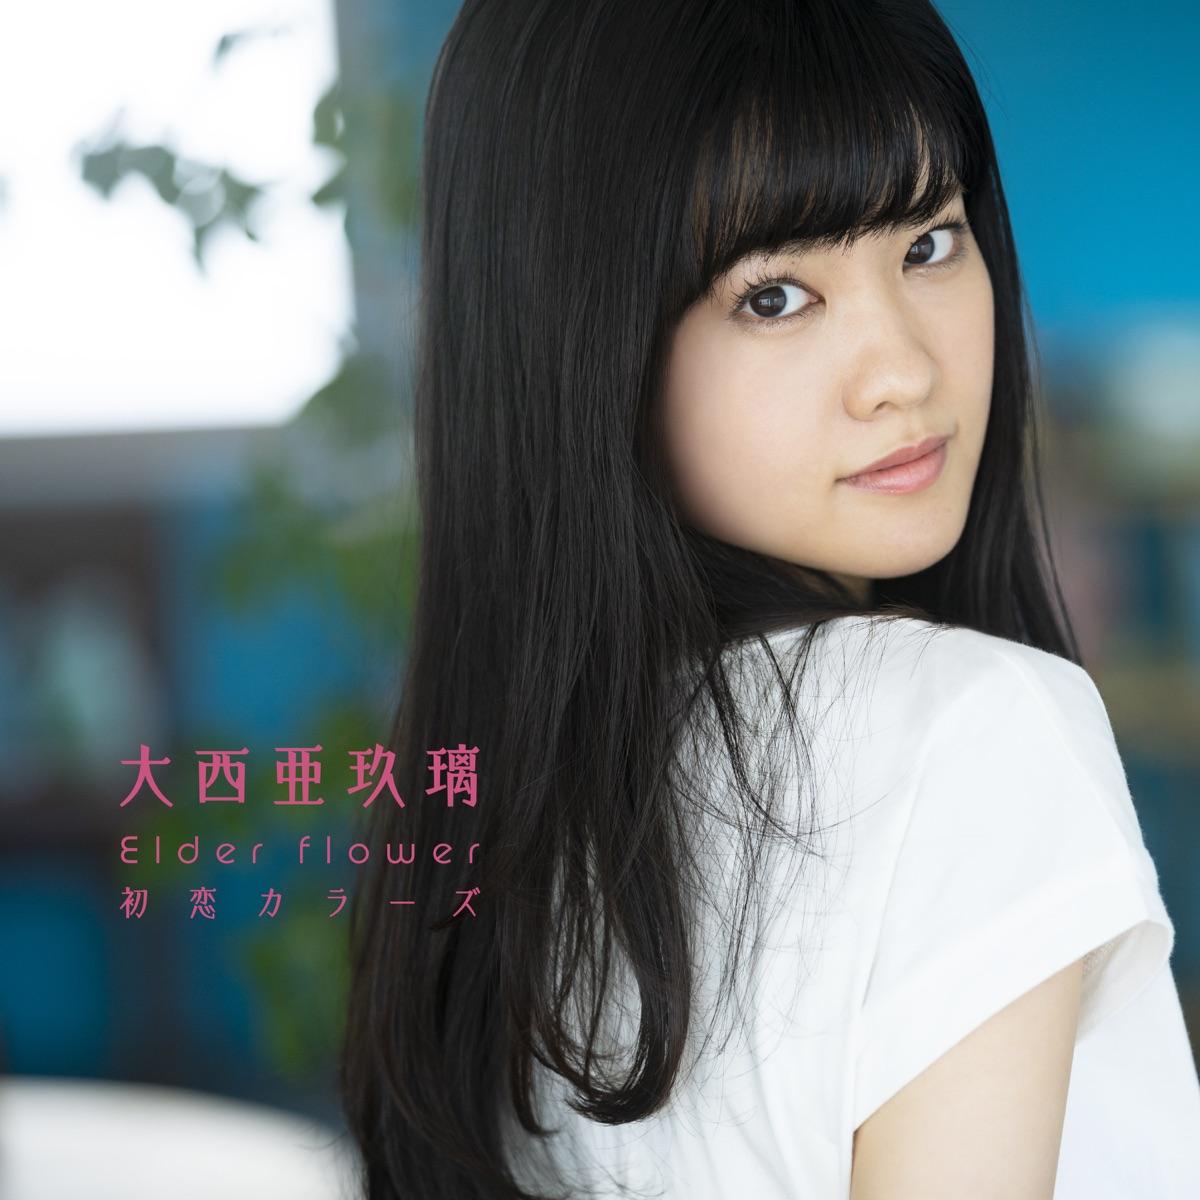 『大西亜玖璃 - 初恋カラーズ』収録の『Elder flower / 初恋カラーズ』ジャケット